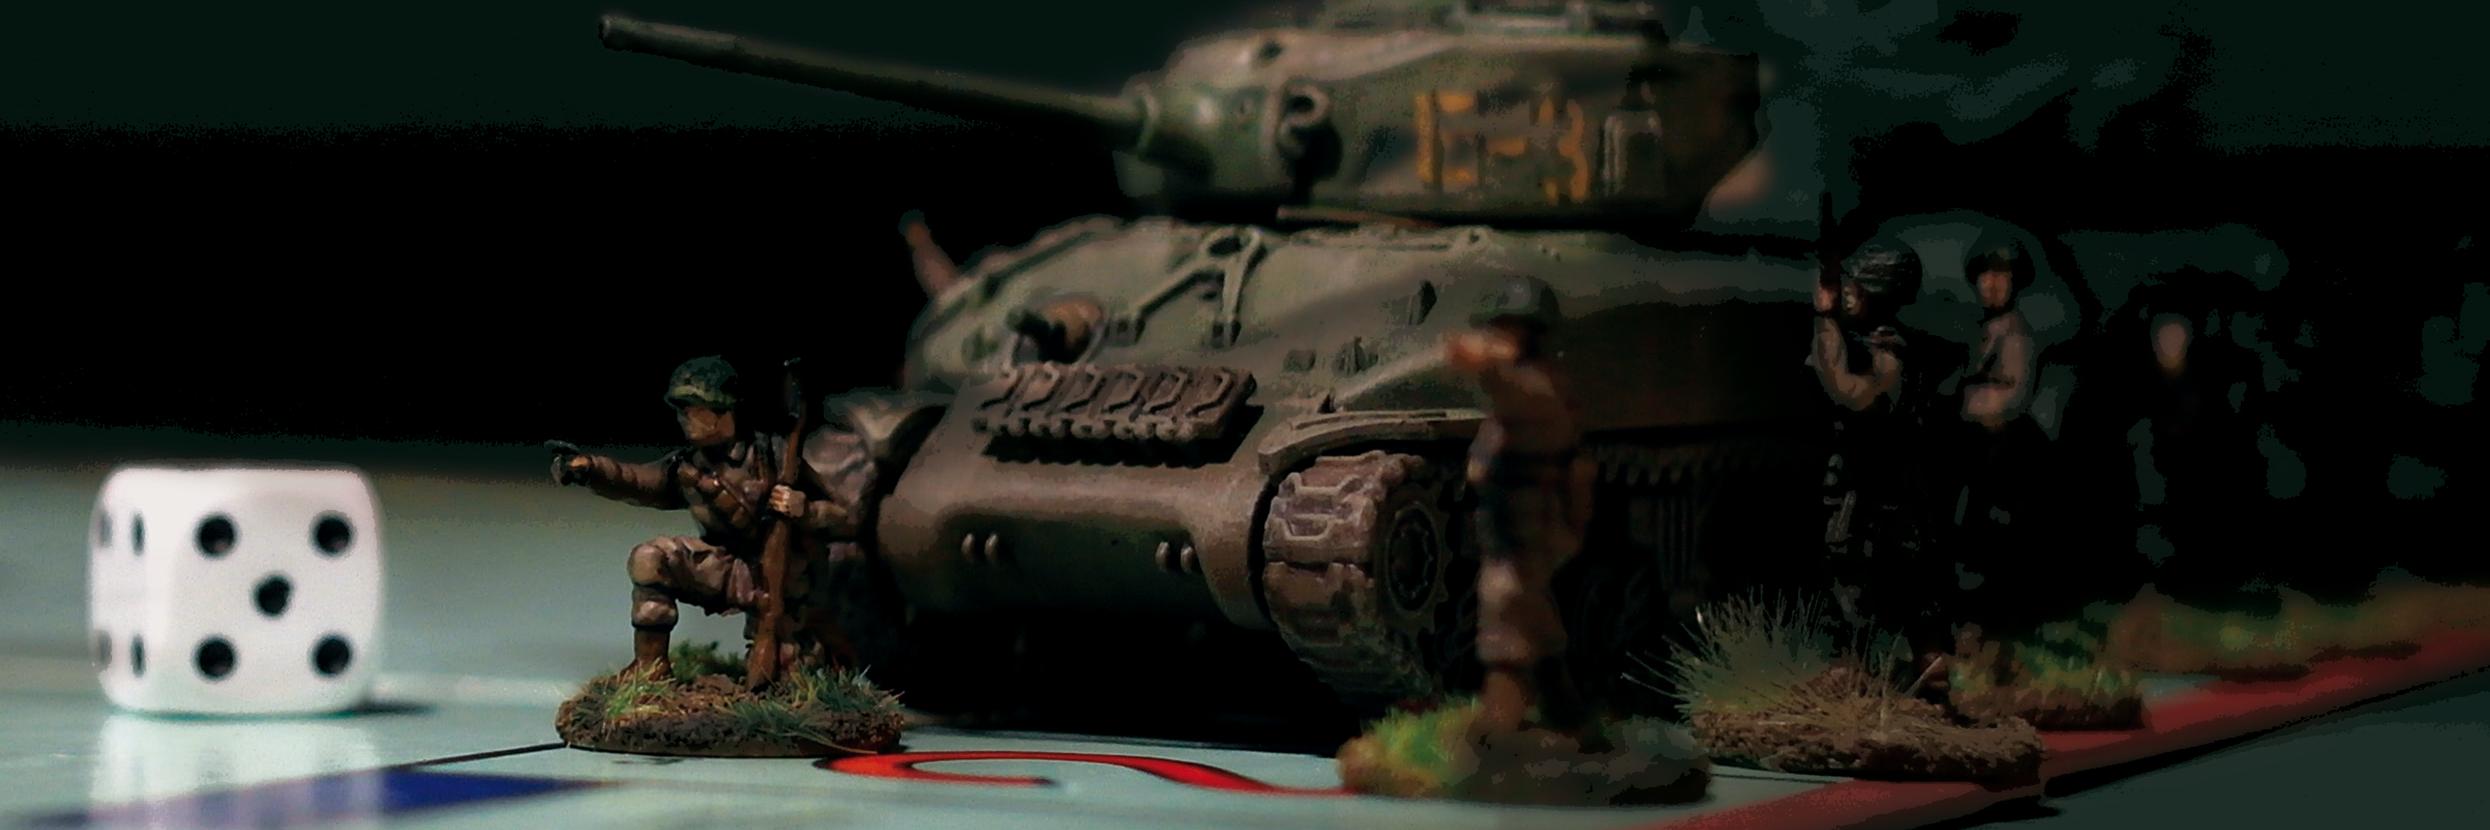 Antimilitaristi-lehden kansikuva, jossa on lelupanssarivaunu ja lelusotilaita.